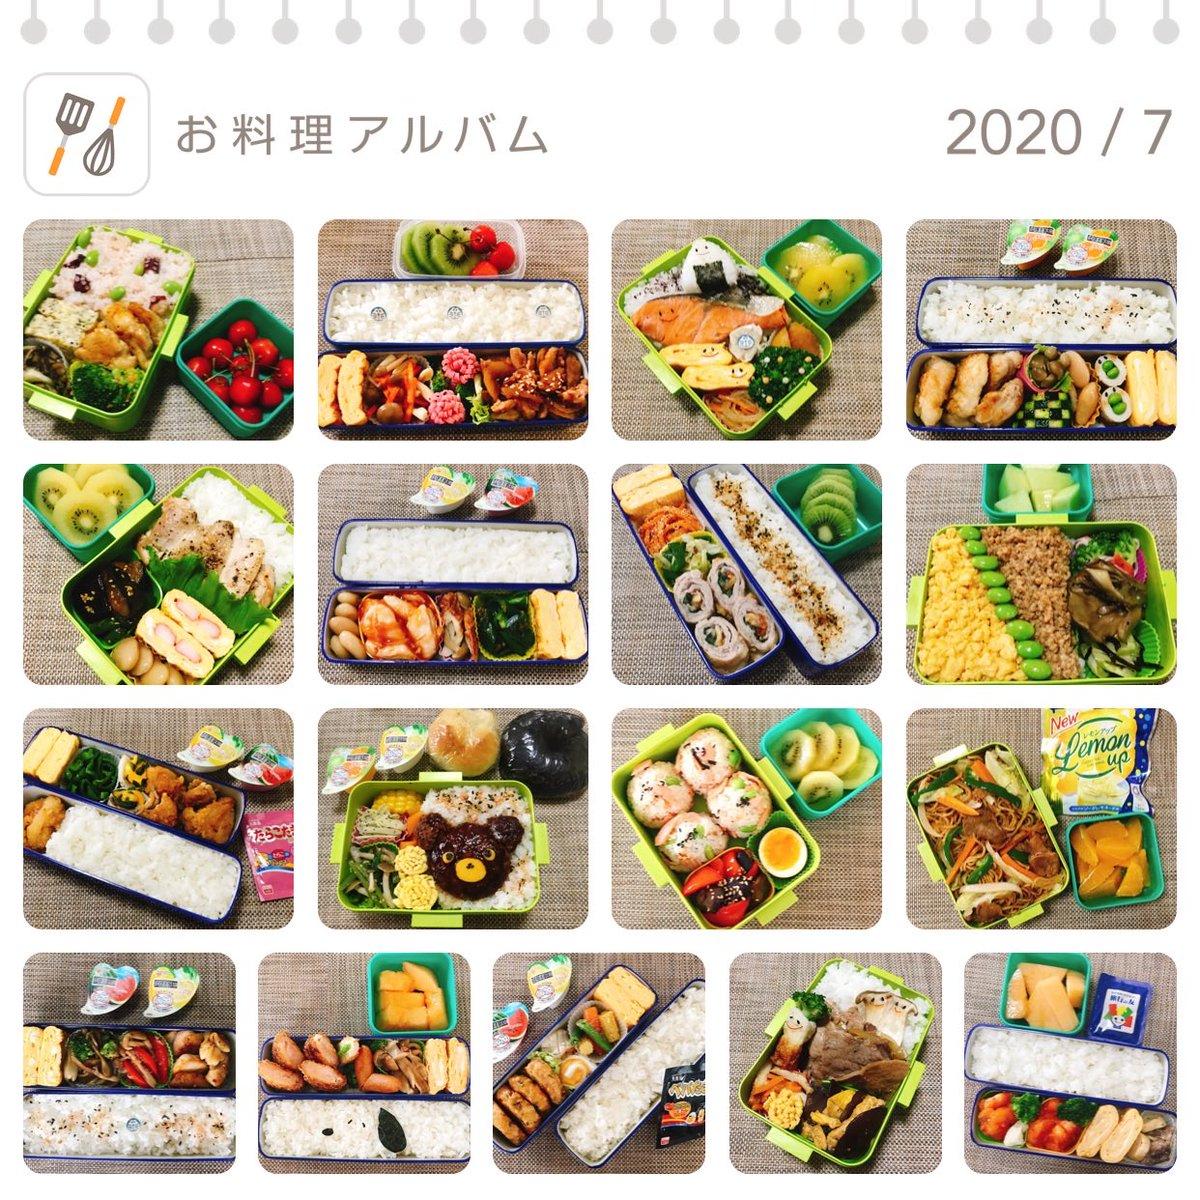 7月の #お料理アルバムあっという間に8月へ💦冷やし麺のお弁当も増やしていきたい🎶